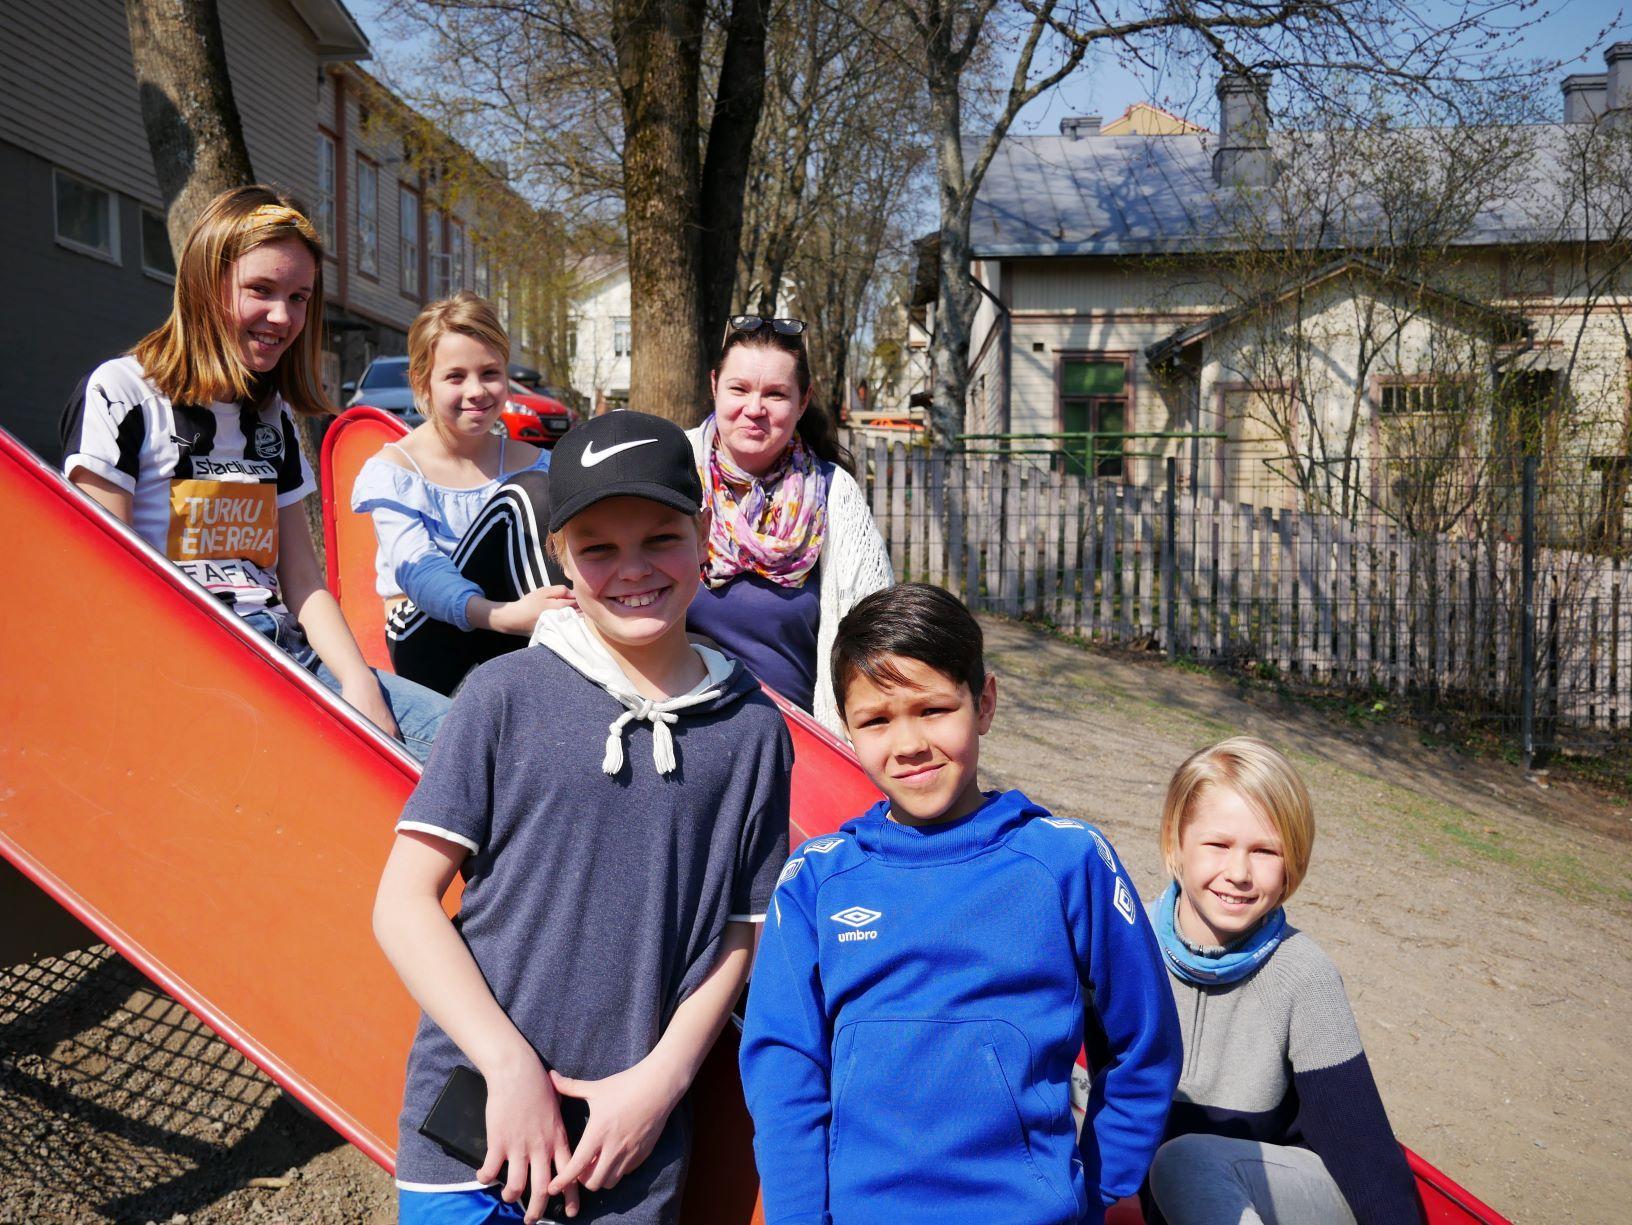 (Bakre raden) Mette Vilppu, Julia Sundqvist, Maria Nylund, (främre raden) Oscar Neovius, Amilcar Jungar och Emil Krogell.